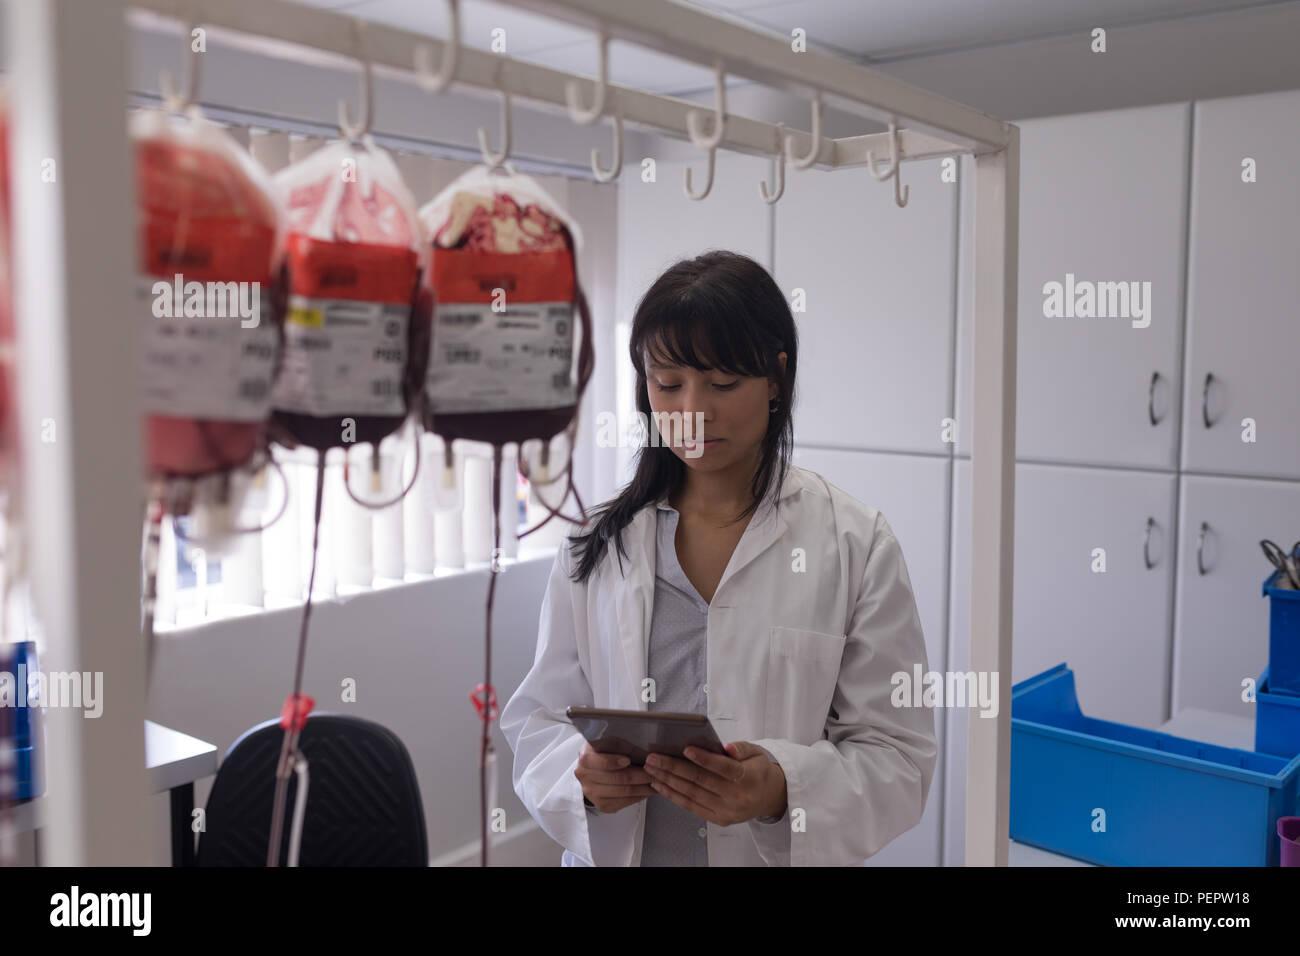 Technicien de laboratoire using digital tablet Banque D'Images